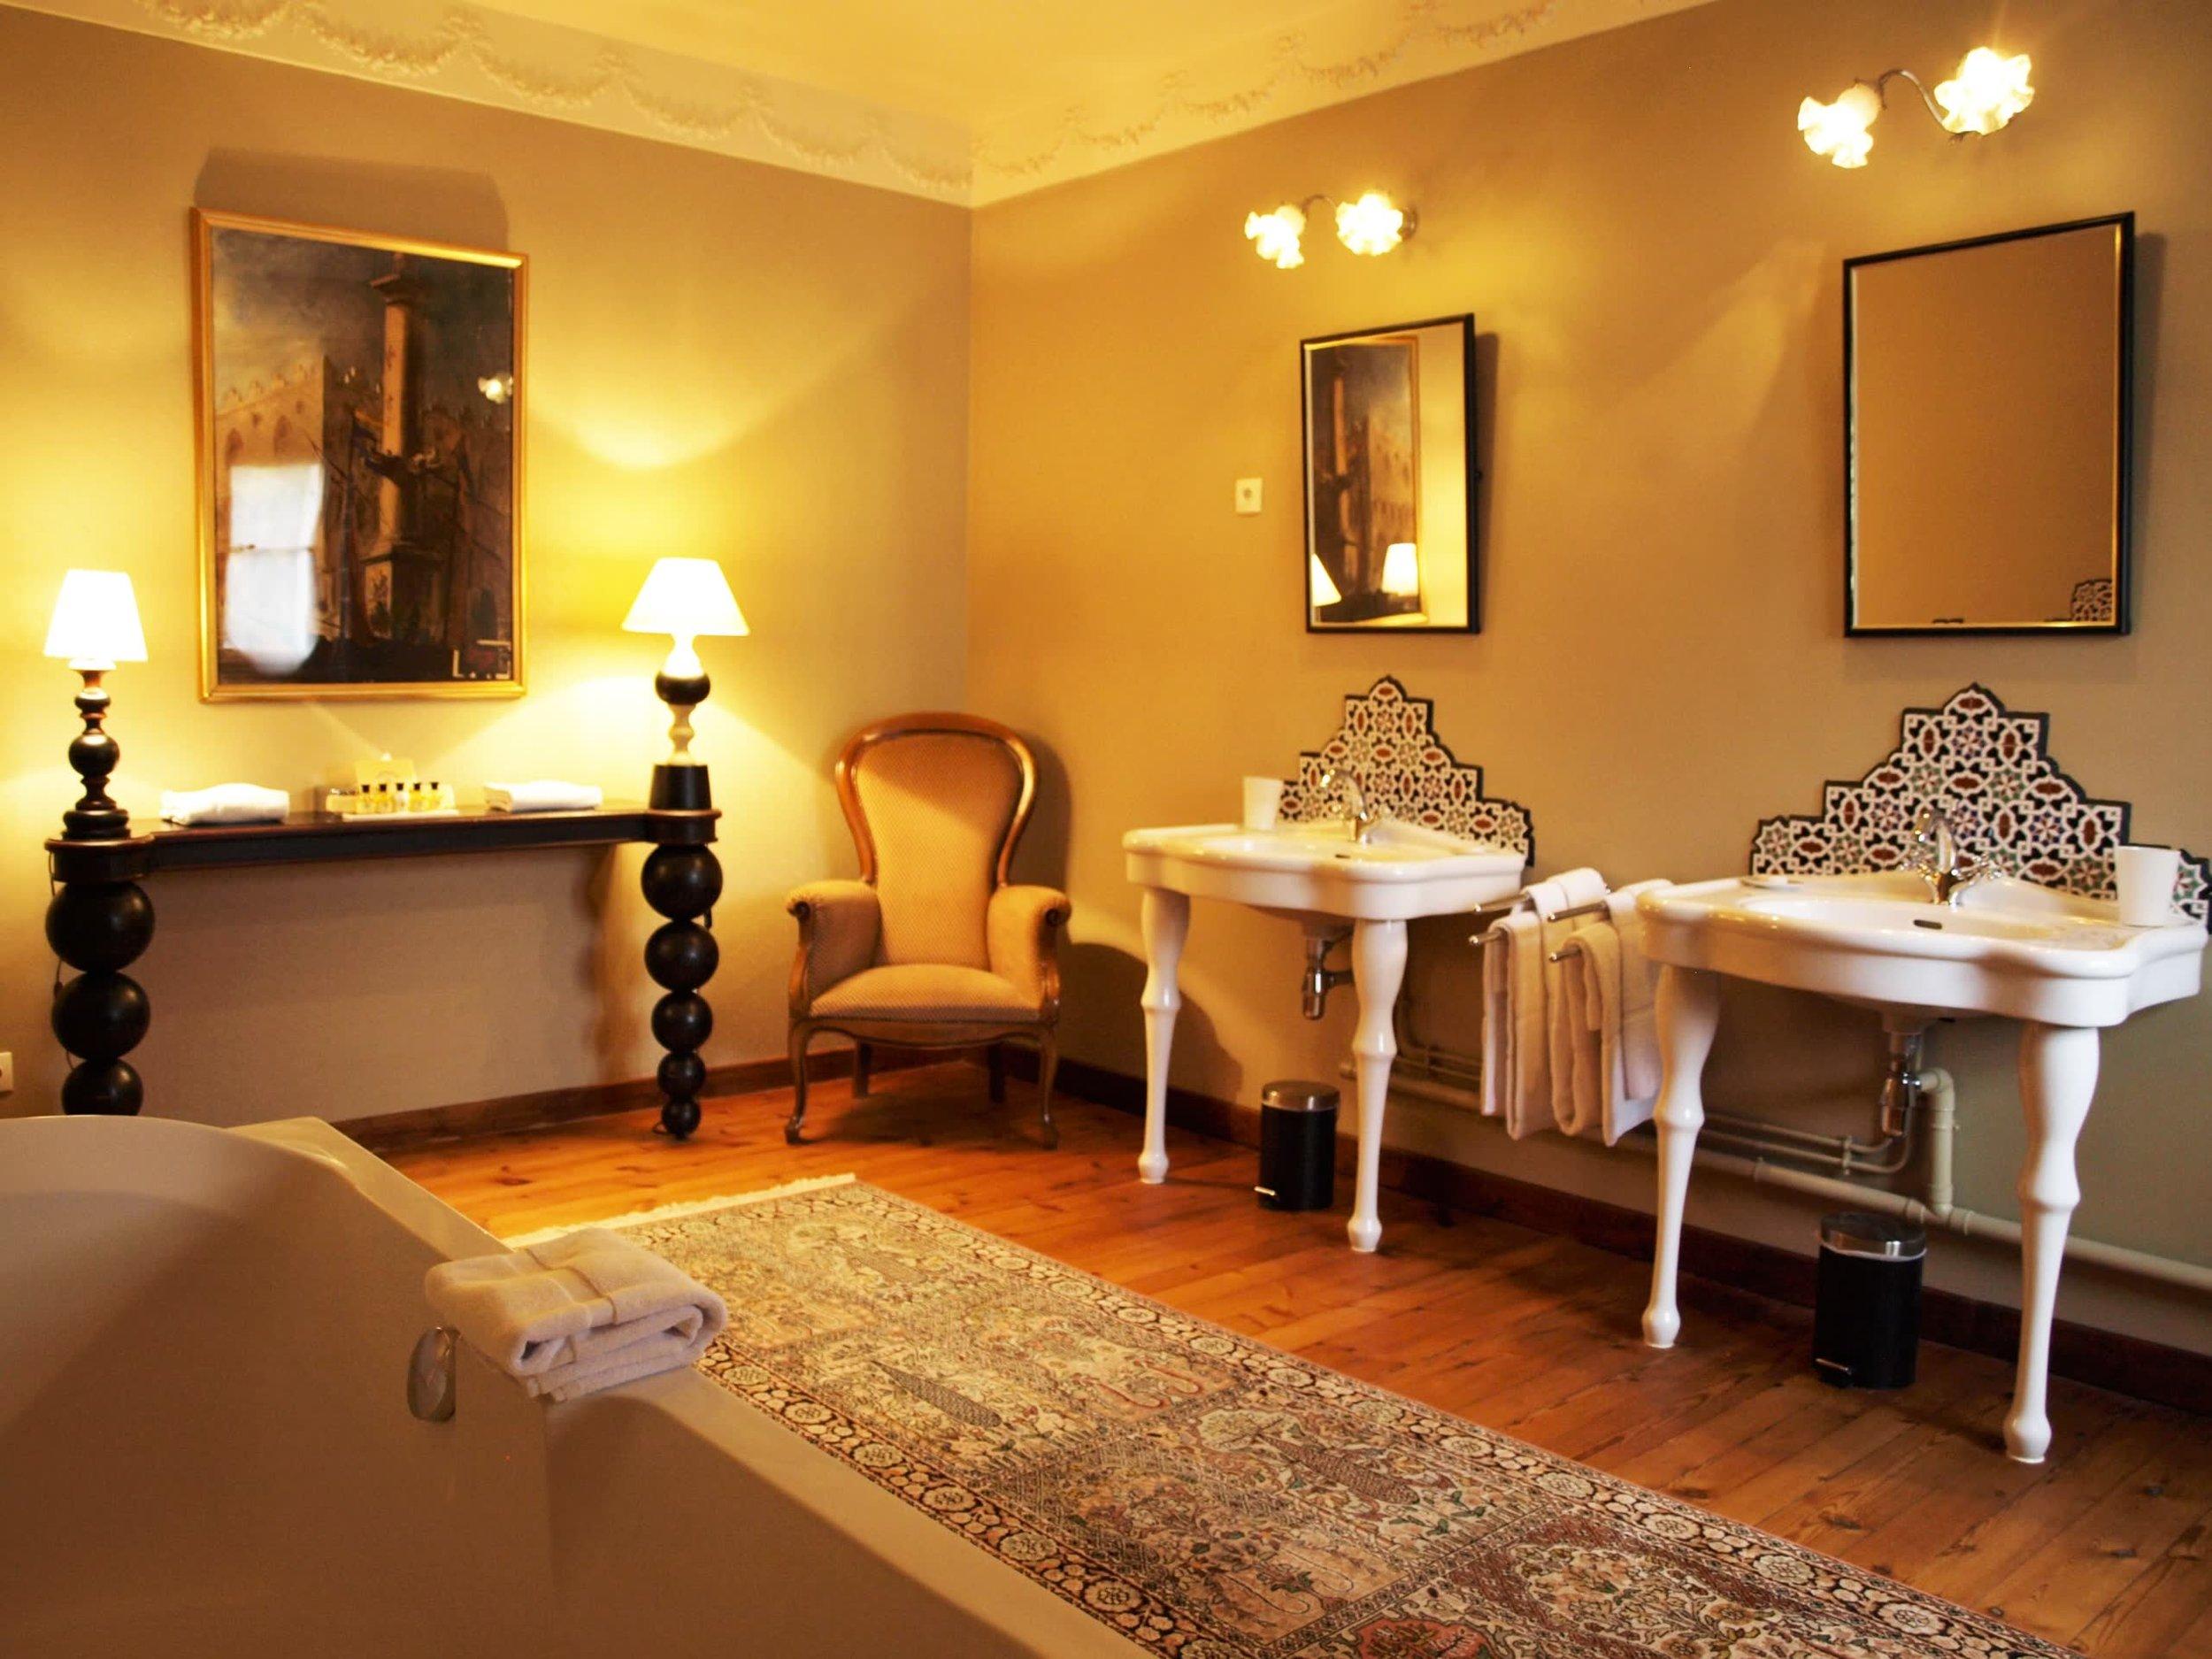 Chateau de la Pommeraye - charming boutique hotel chateau b&b spa normandy calvados bedroom Pensées 5(2).jpg